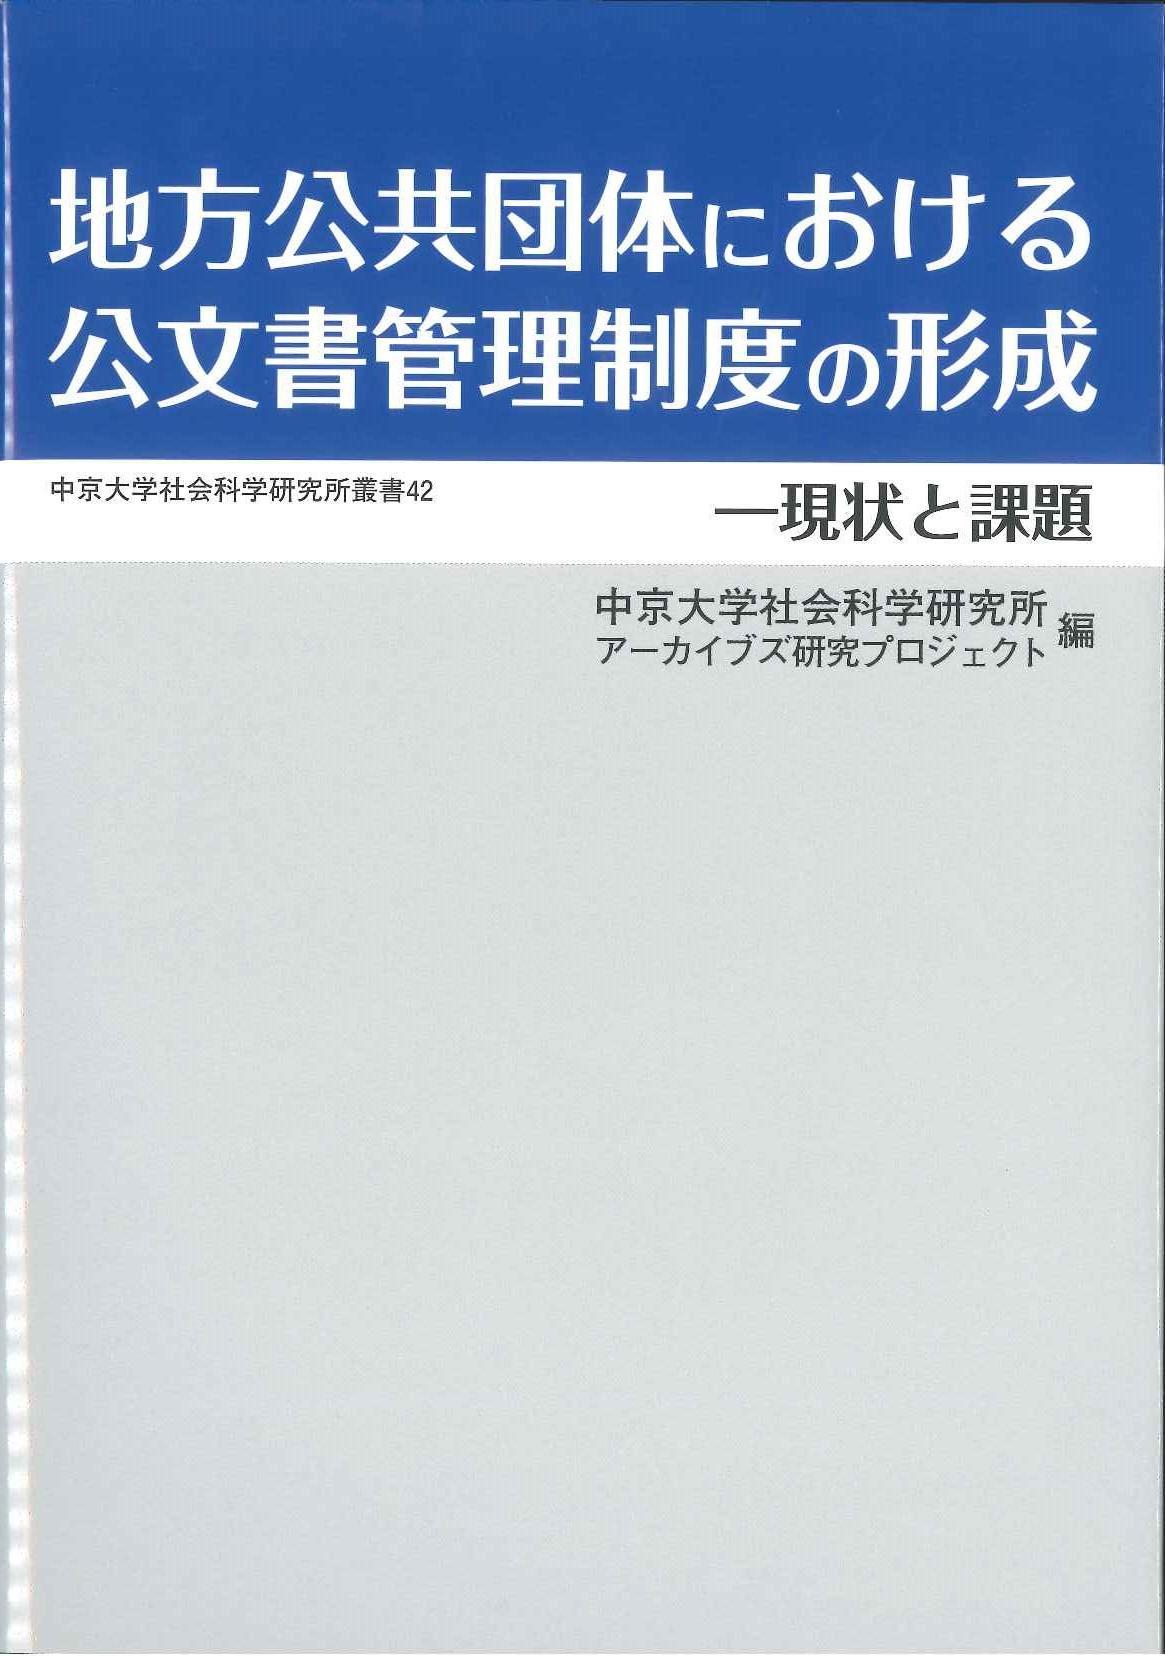 中京大学社会科学研究所叢書42